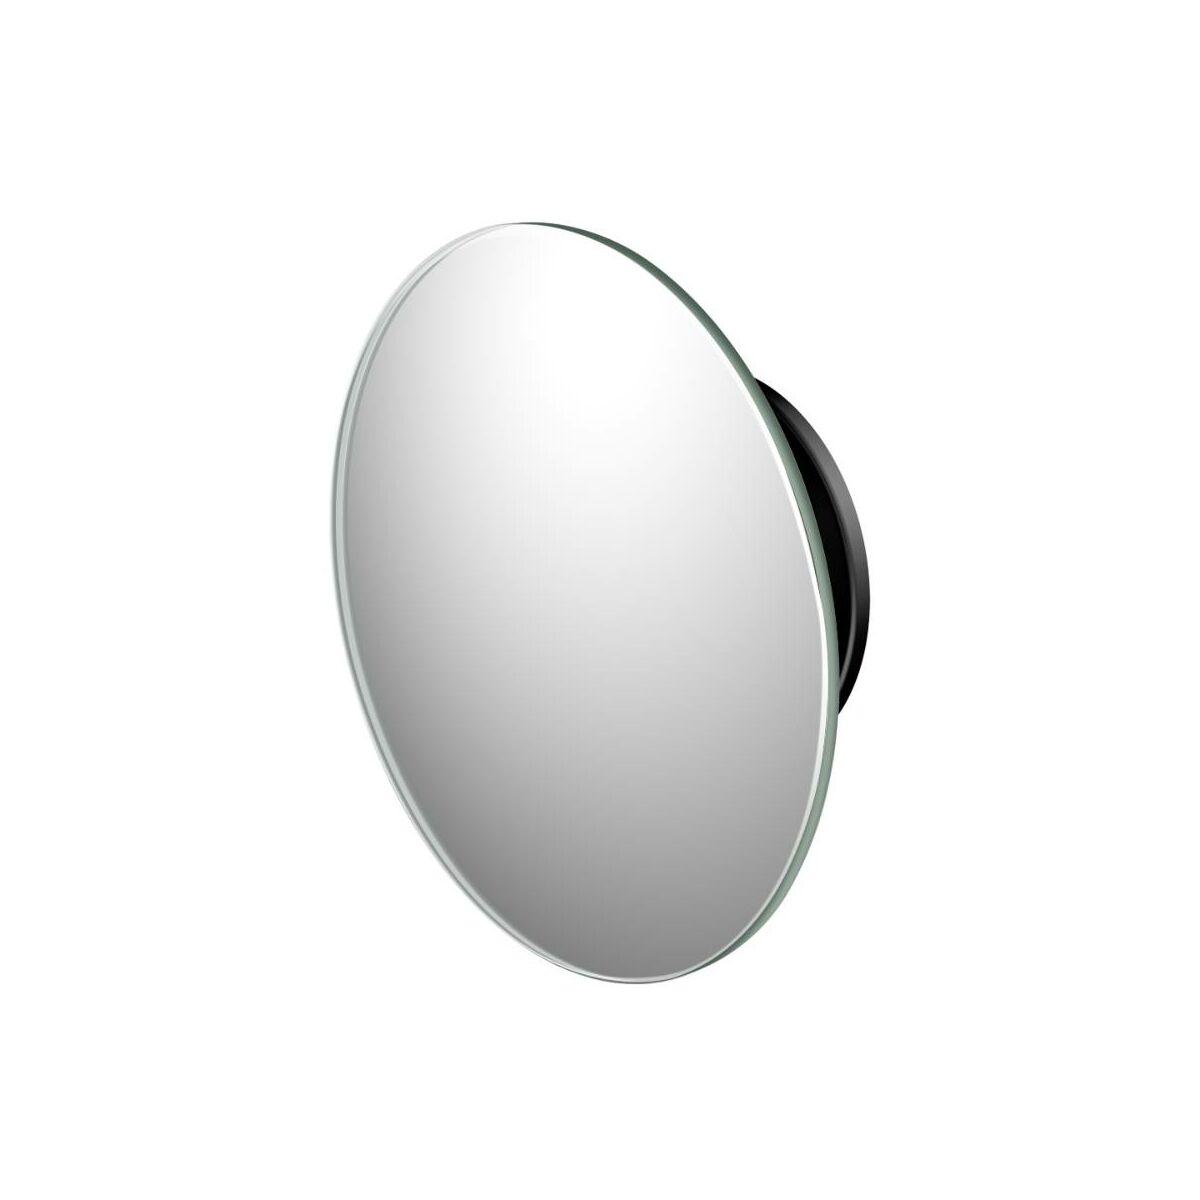 Baseus autós kiegészítő, oldal tükör felületre ragasztható domború tükör, holttér figyelésére, fekete (ACMDJ-01)